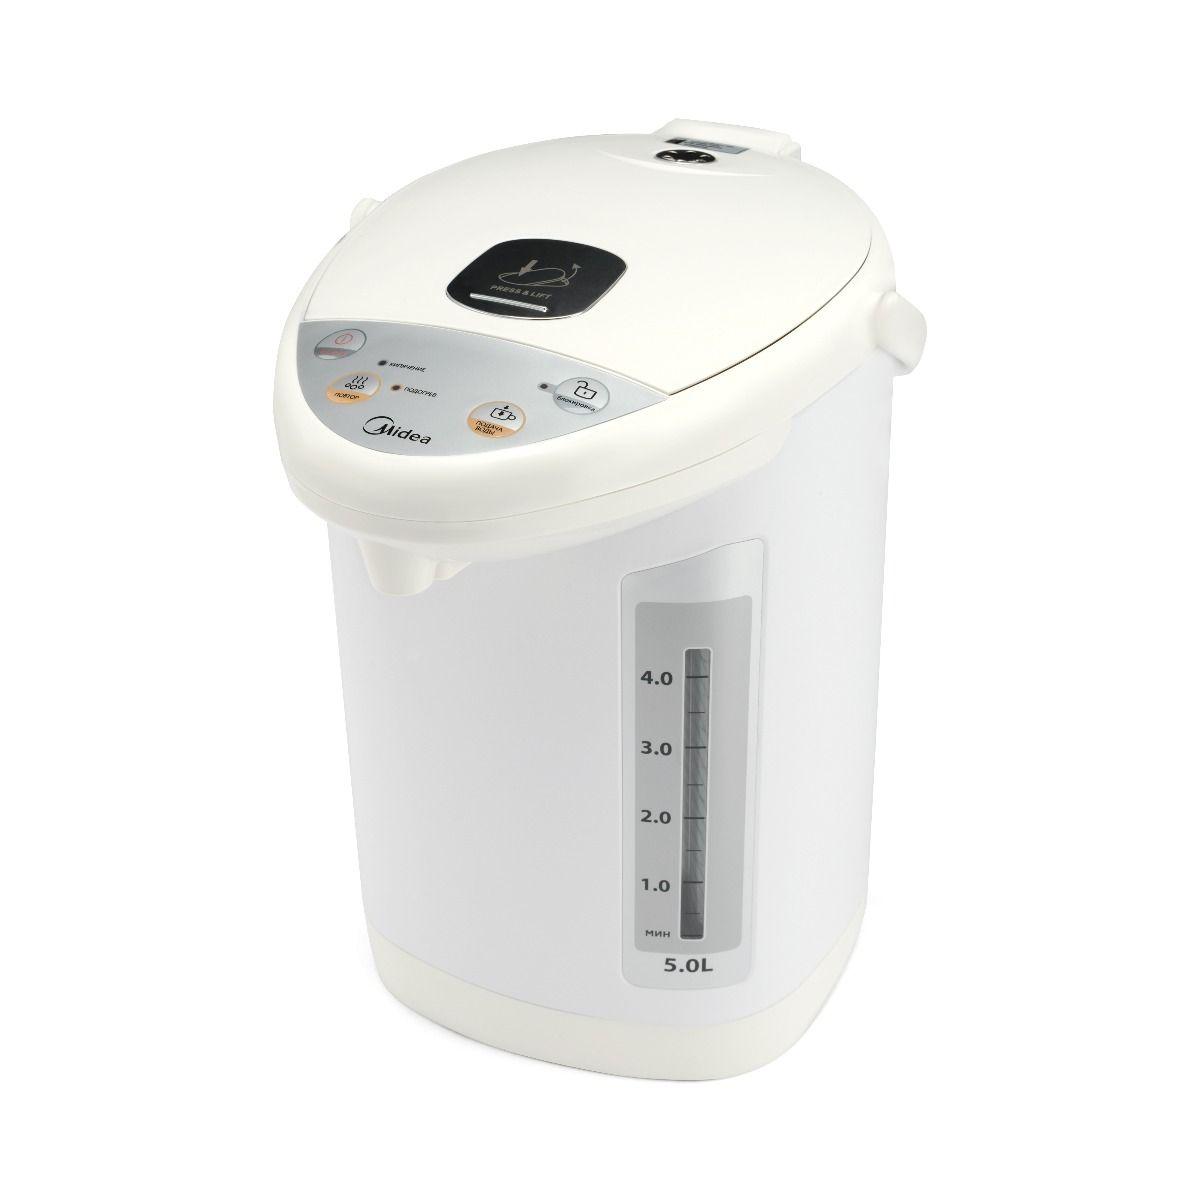 Термопот Midea MP-8101, 5 л, 750 Вт цена и фото